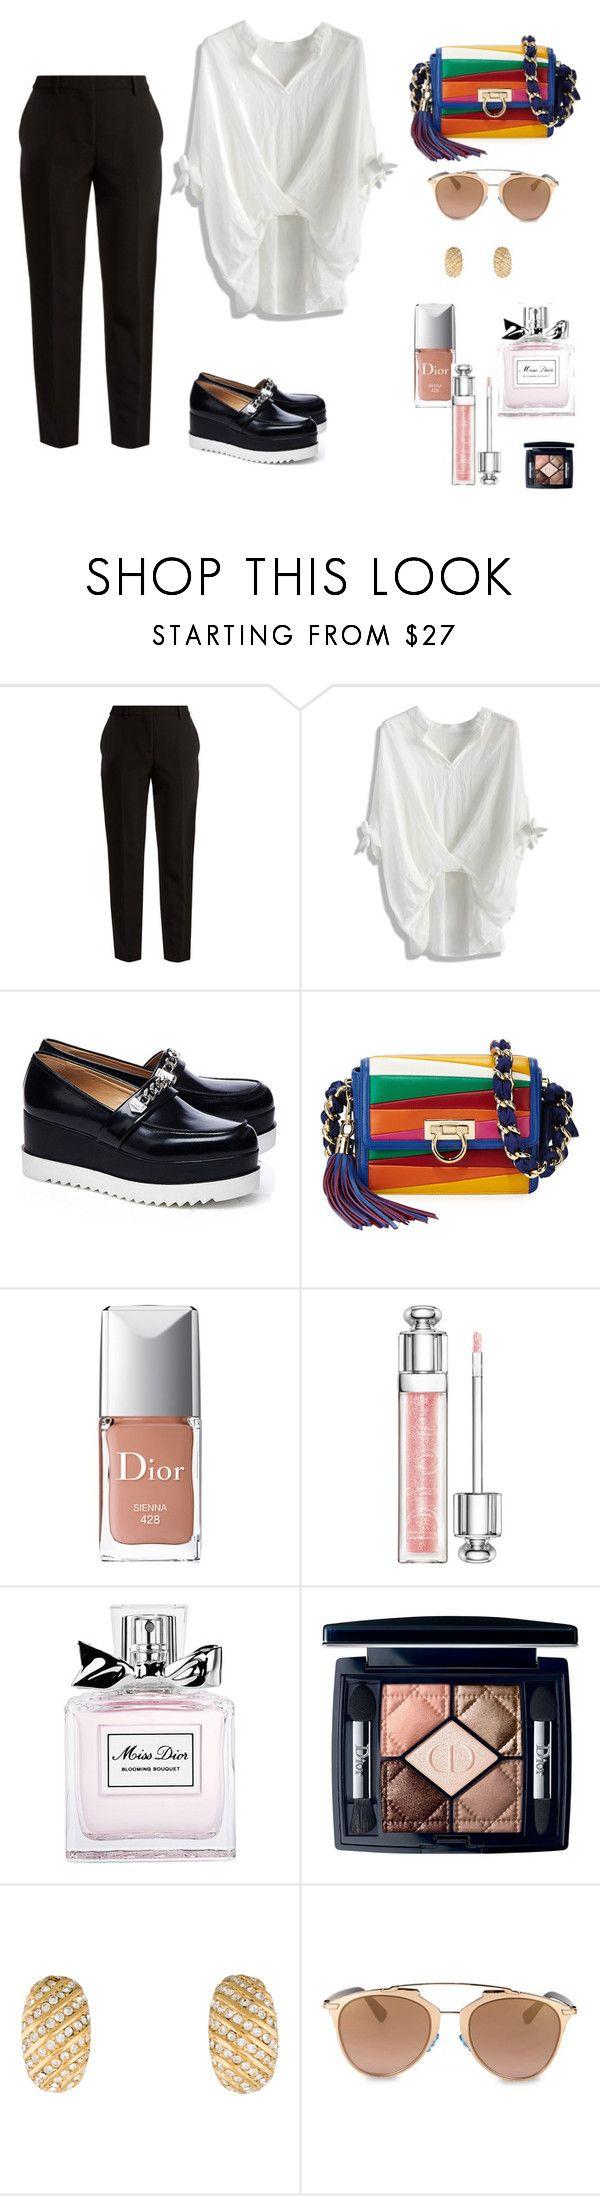 """""""Dior diorissimo"""" by janka-dzurillova on Polyvore featuring MSGM, Chicwish, Karl Lagerfeld, Salvatore Ferragamo and Christian Dior"""